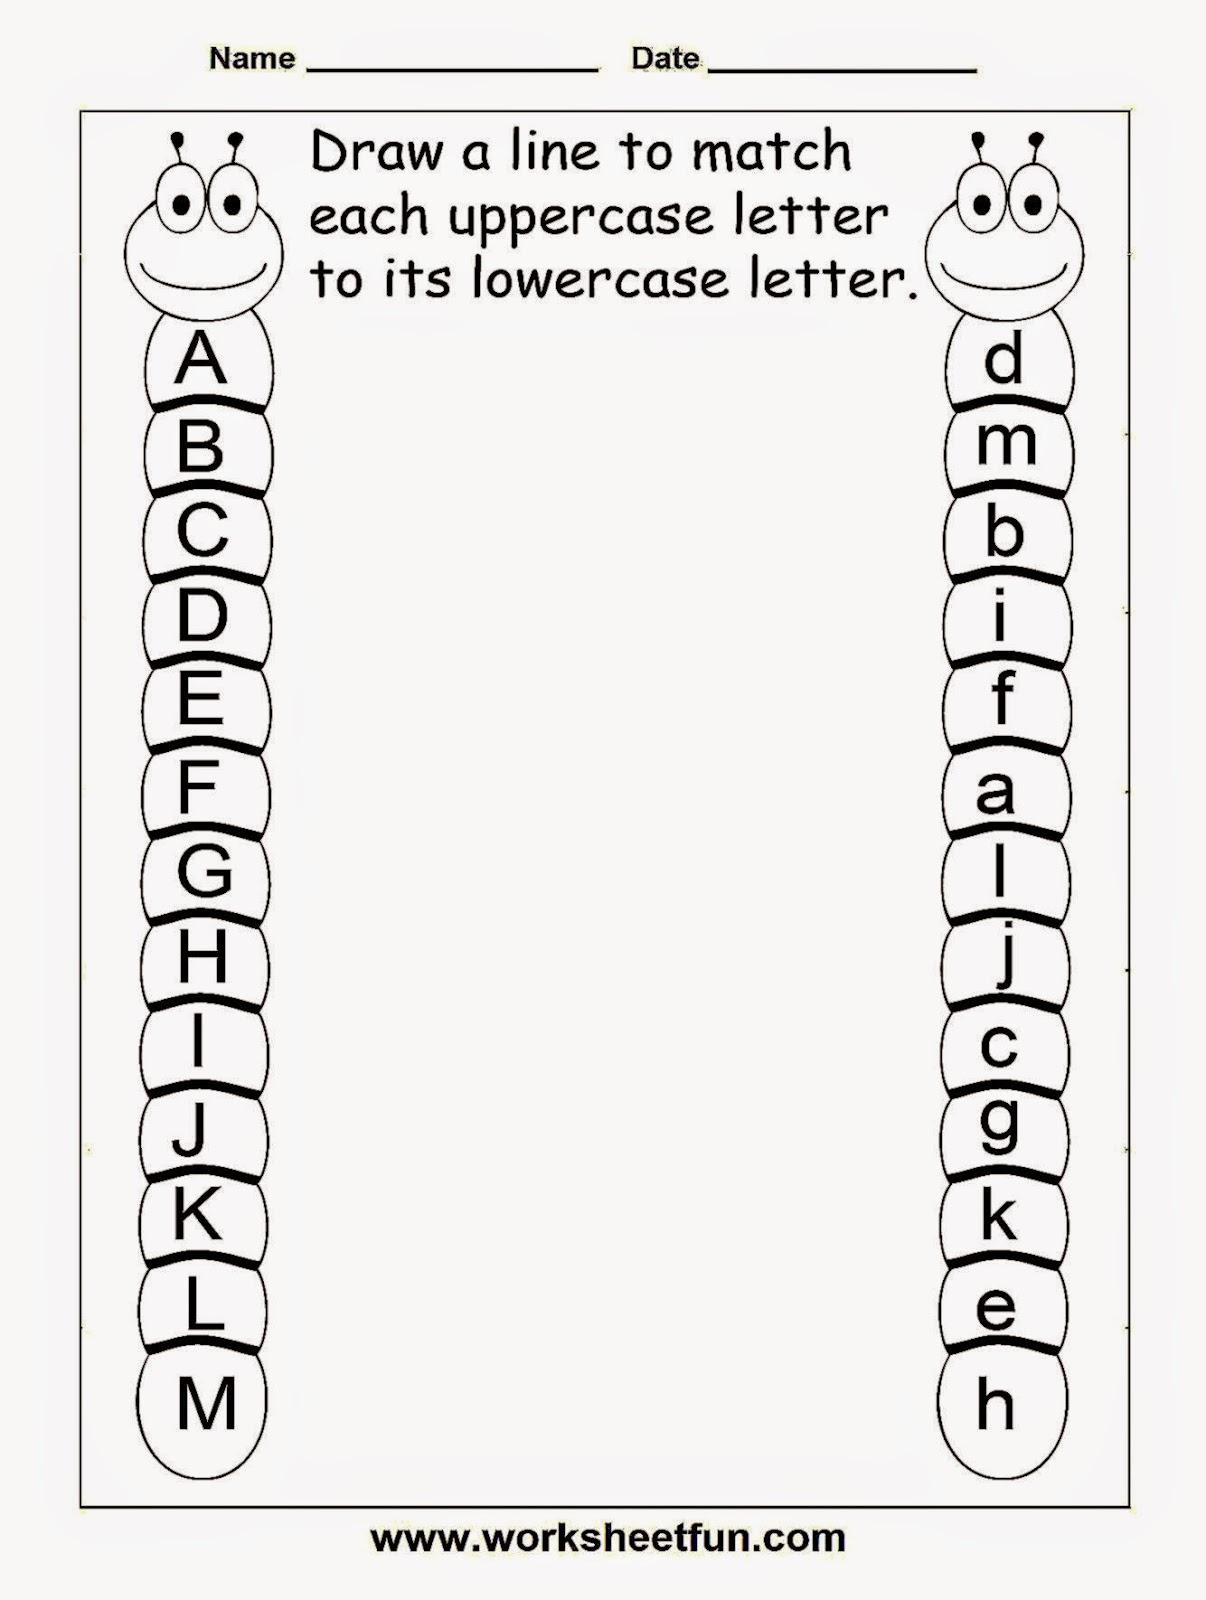 Worksheets Printable Worksheets Kindergarten coloring worksheets free printable numbers kindergarten worksheetfun